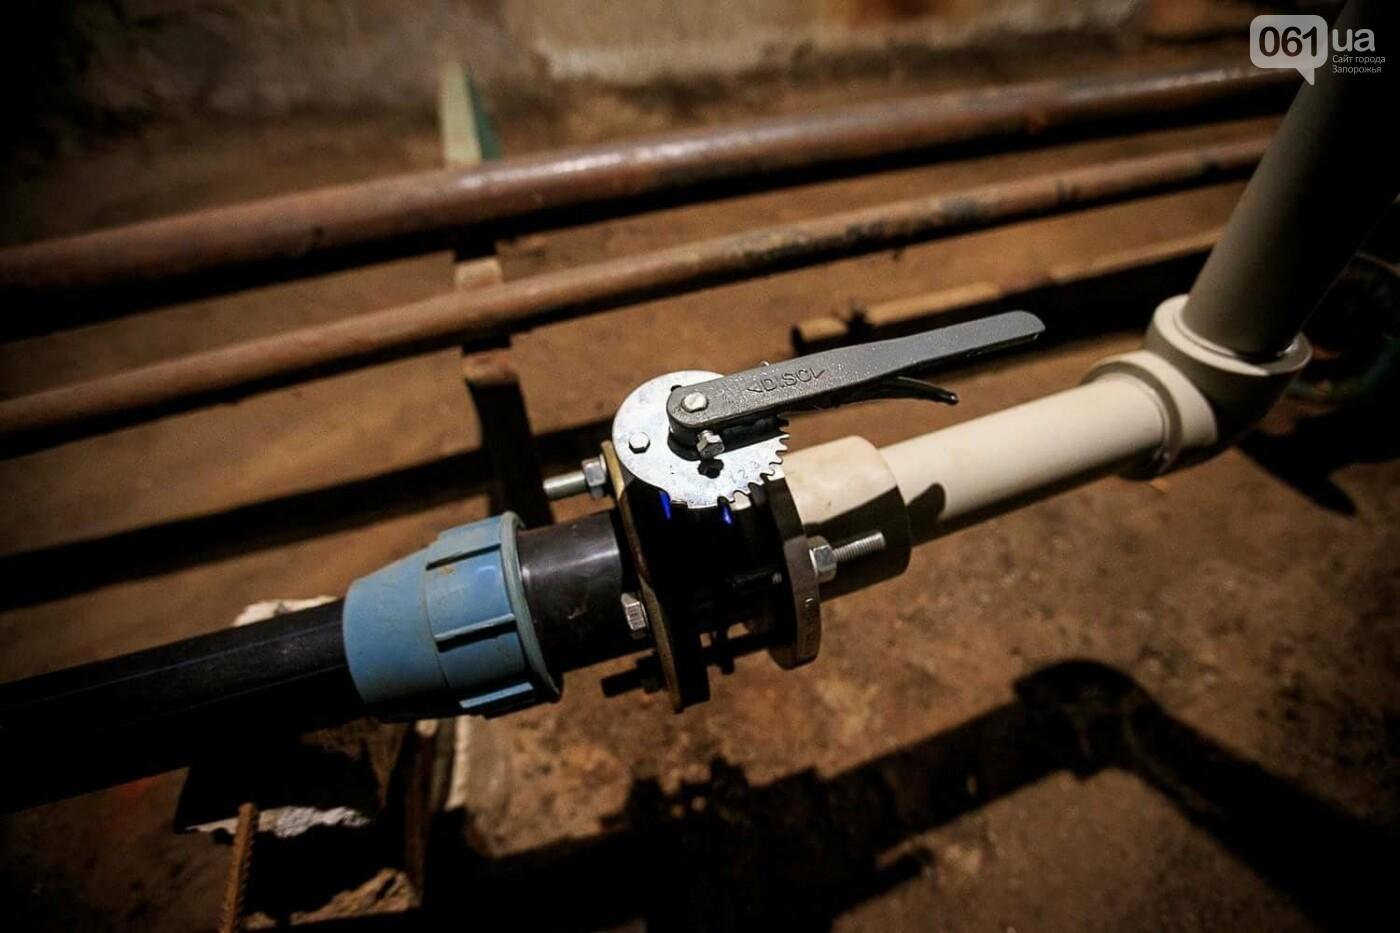 Сам себе хозяин: как запорожские ОСМД занимаются энергосбережением и значительно экономят на тарифах, — ФОТО, фото-57